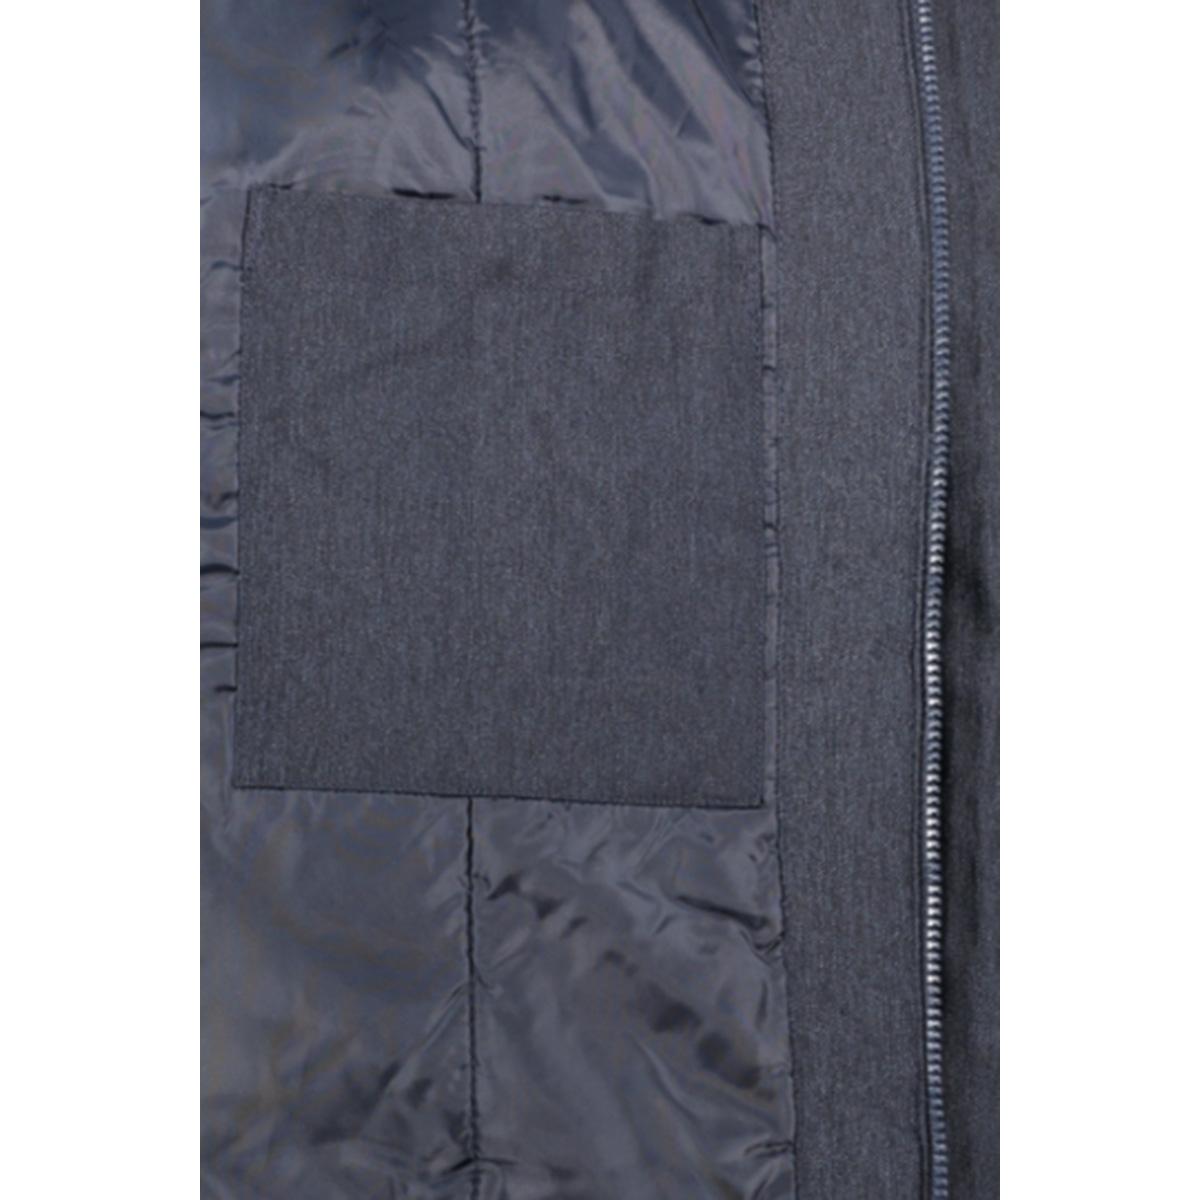 gewatteerd jack met capuchon 1011869xx12 tom tailor jas 10668